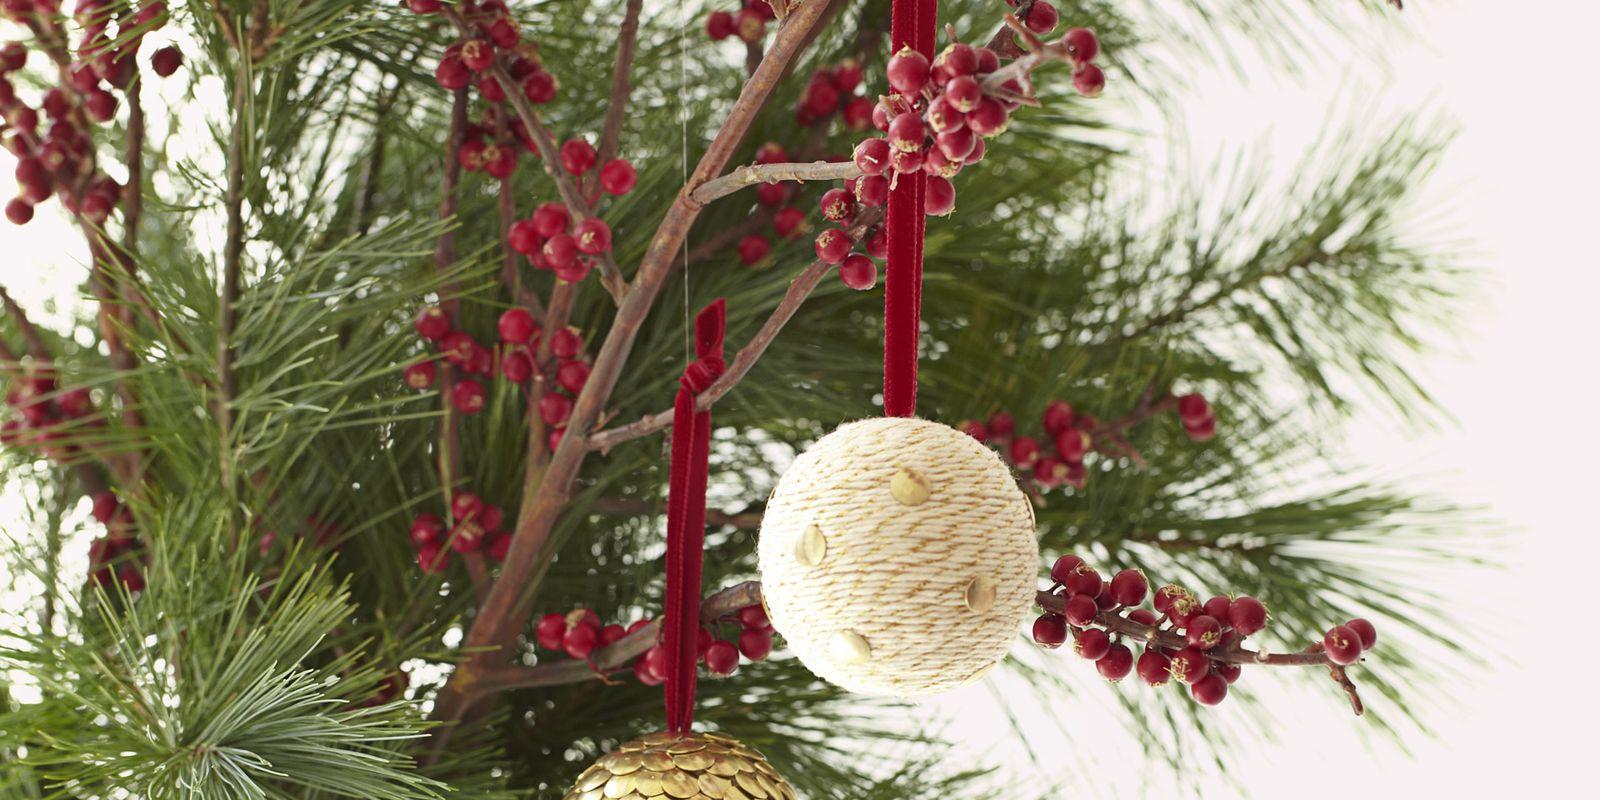 Styrofoam christmas ornaments - Styrofoam Christmas Ornaments 24